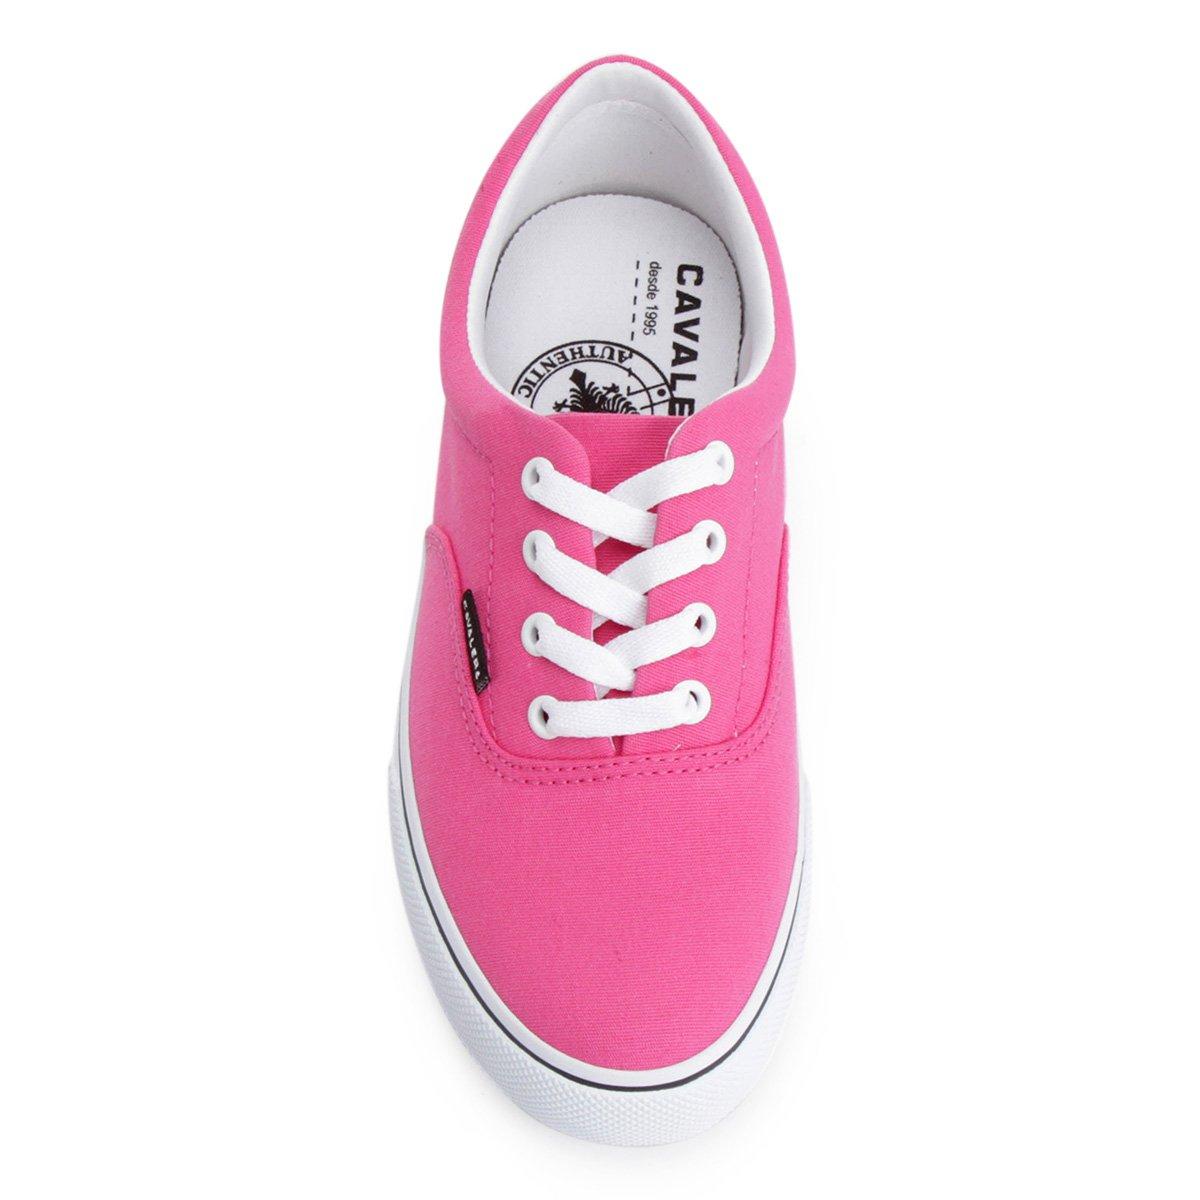 Tênis Cavalera New Rita Tênis Rita New Tênis Pink Feminino Feminino Cavalera Pink Cavalera v8xw4YqEq